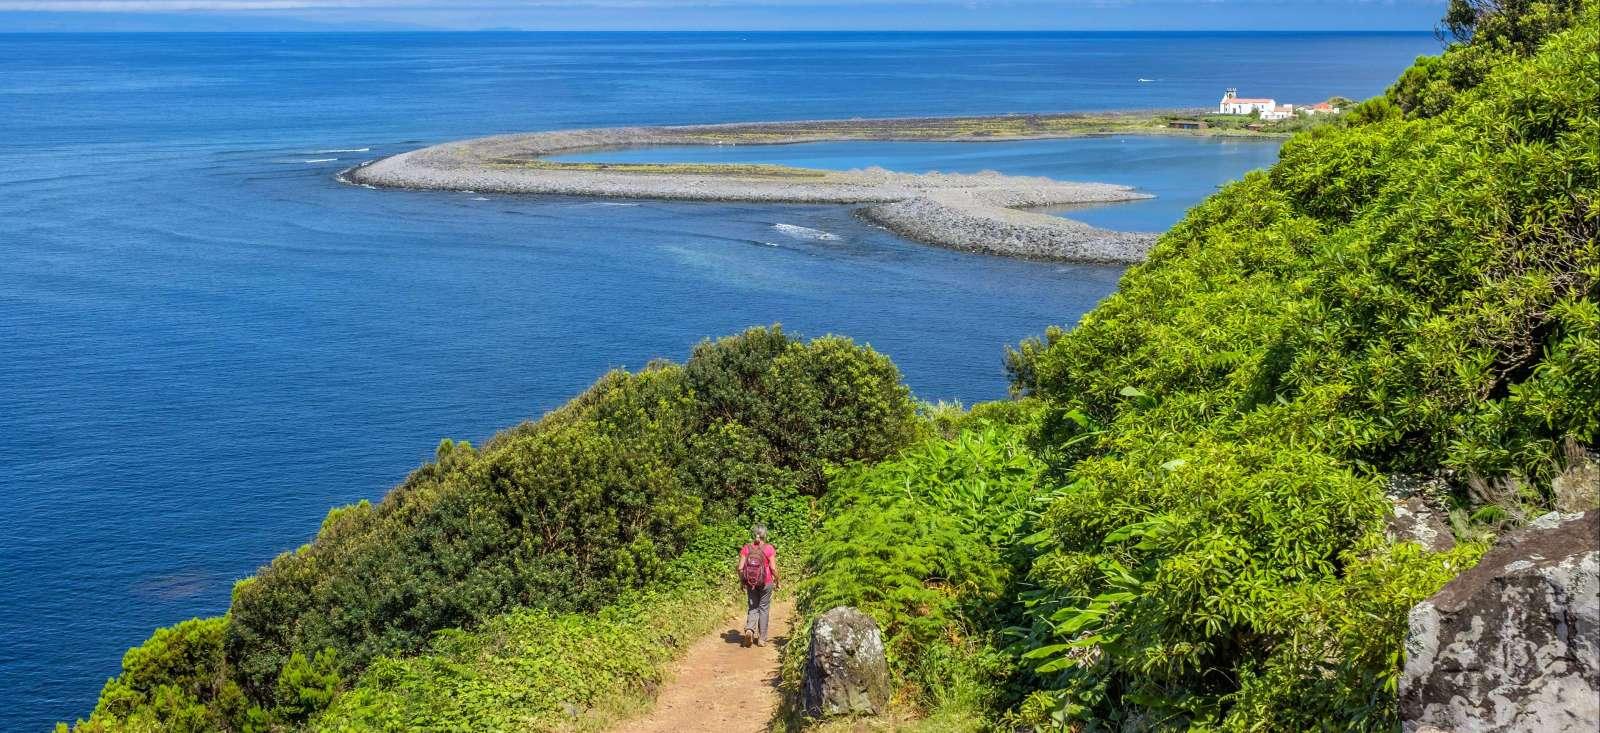 Voyage à pied : Les Açores version camping